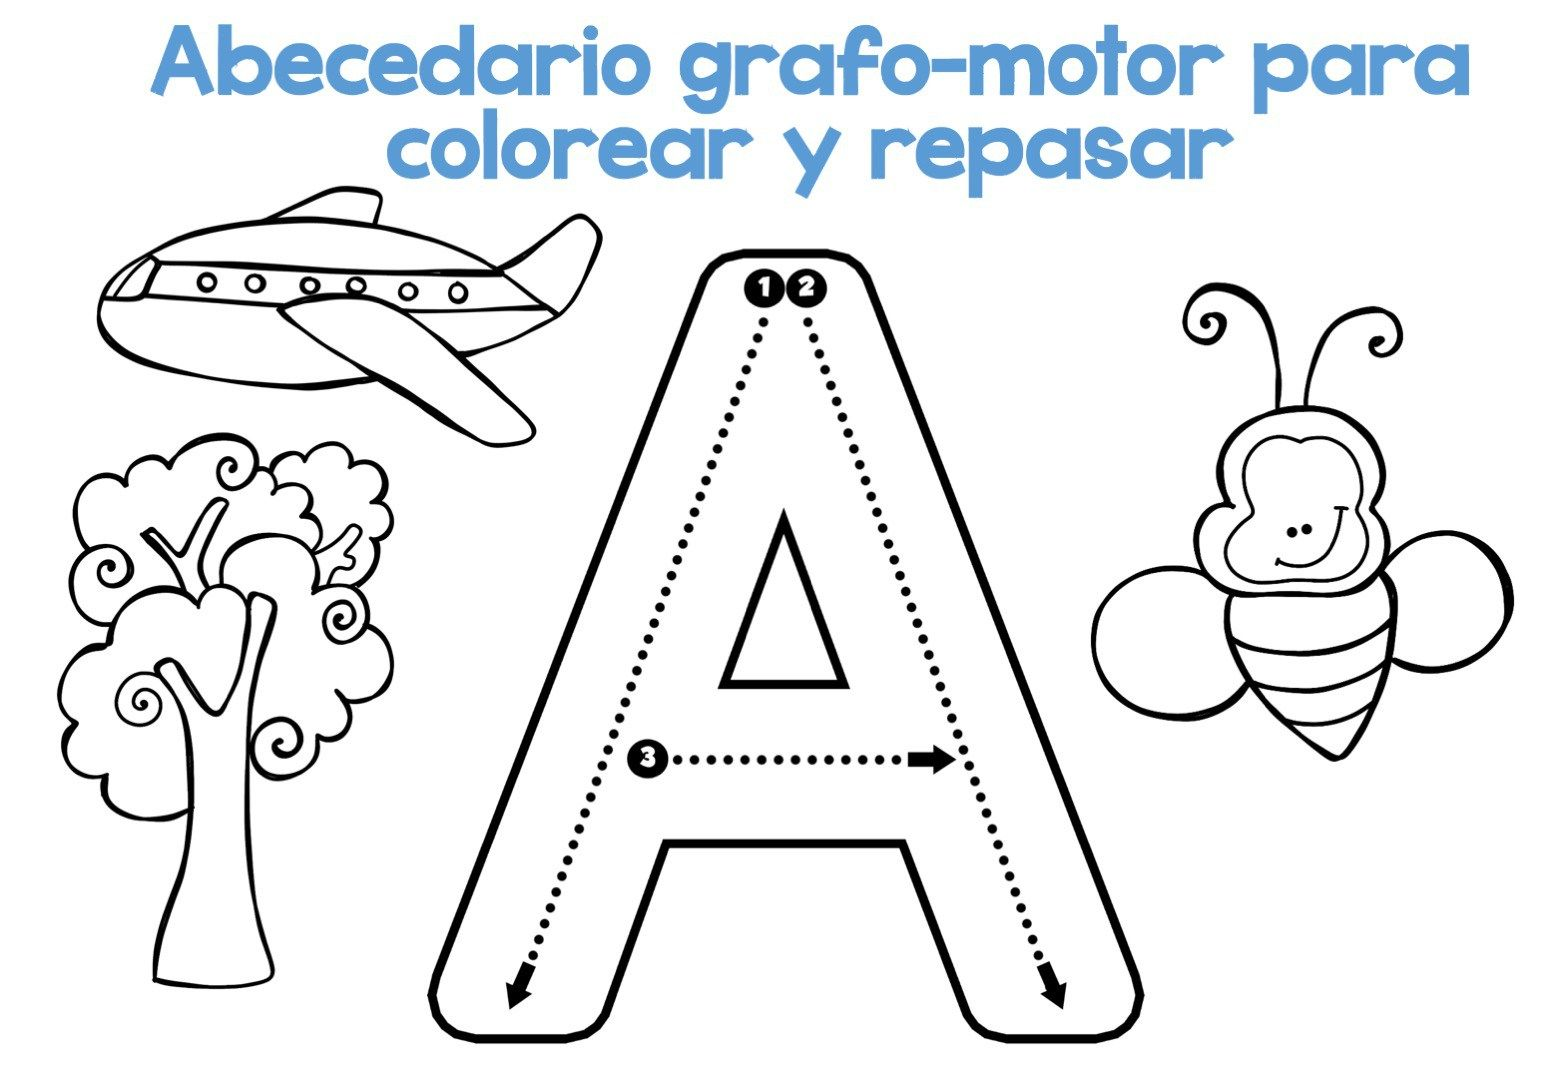 Descarga El Archivo En Pdf Abecedario Grafomotor Para Colorear Y Repasar Relacionado Abecedario Para Imprimir Abecedario Abecedario Para Ninos